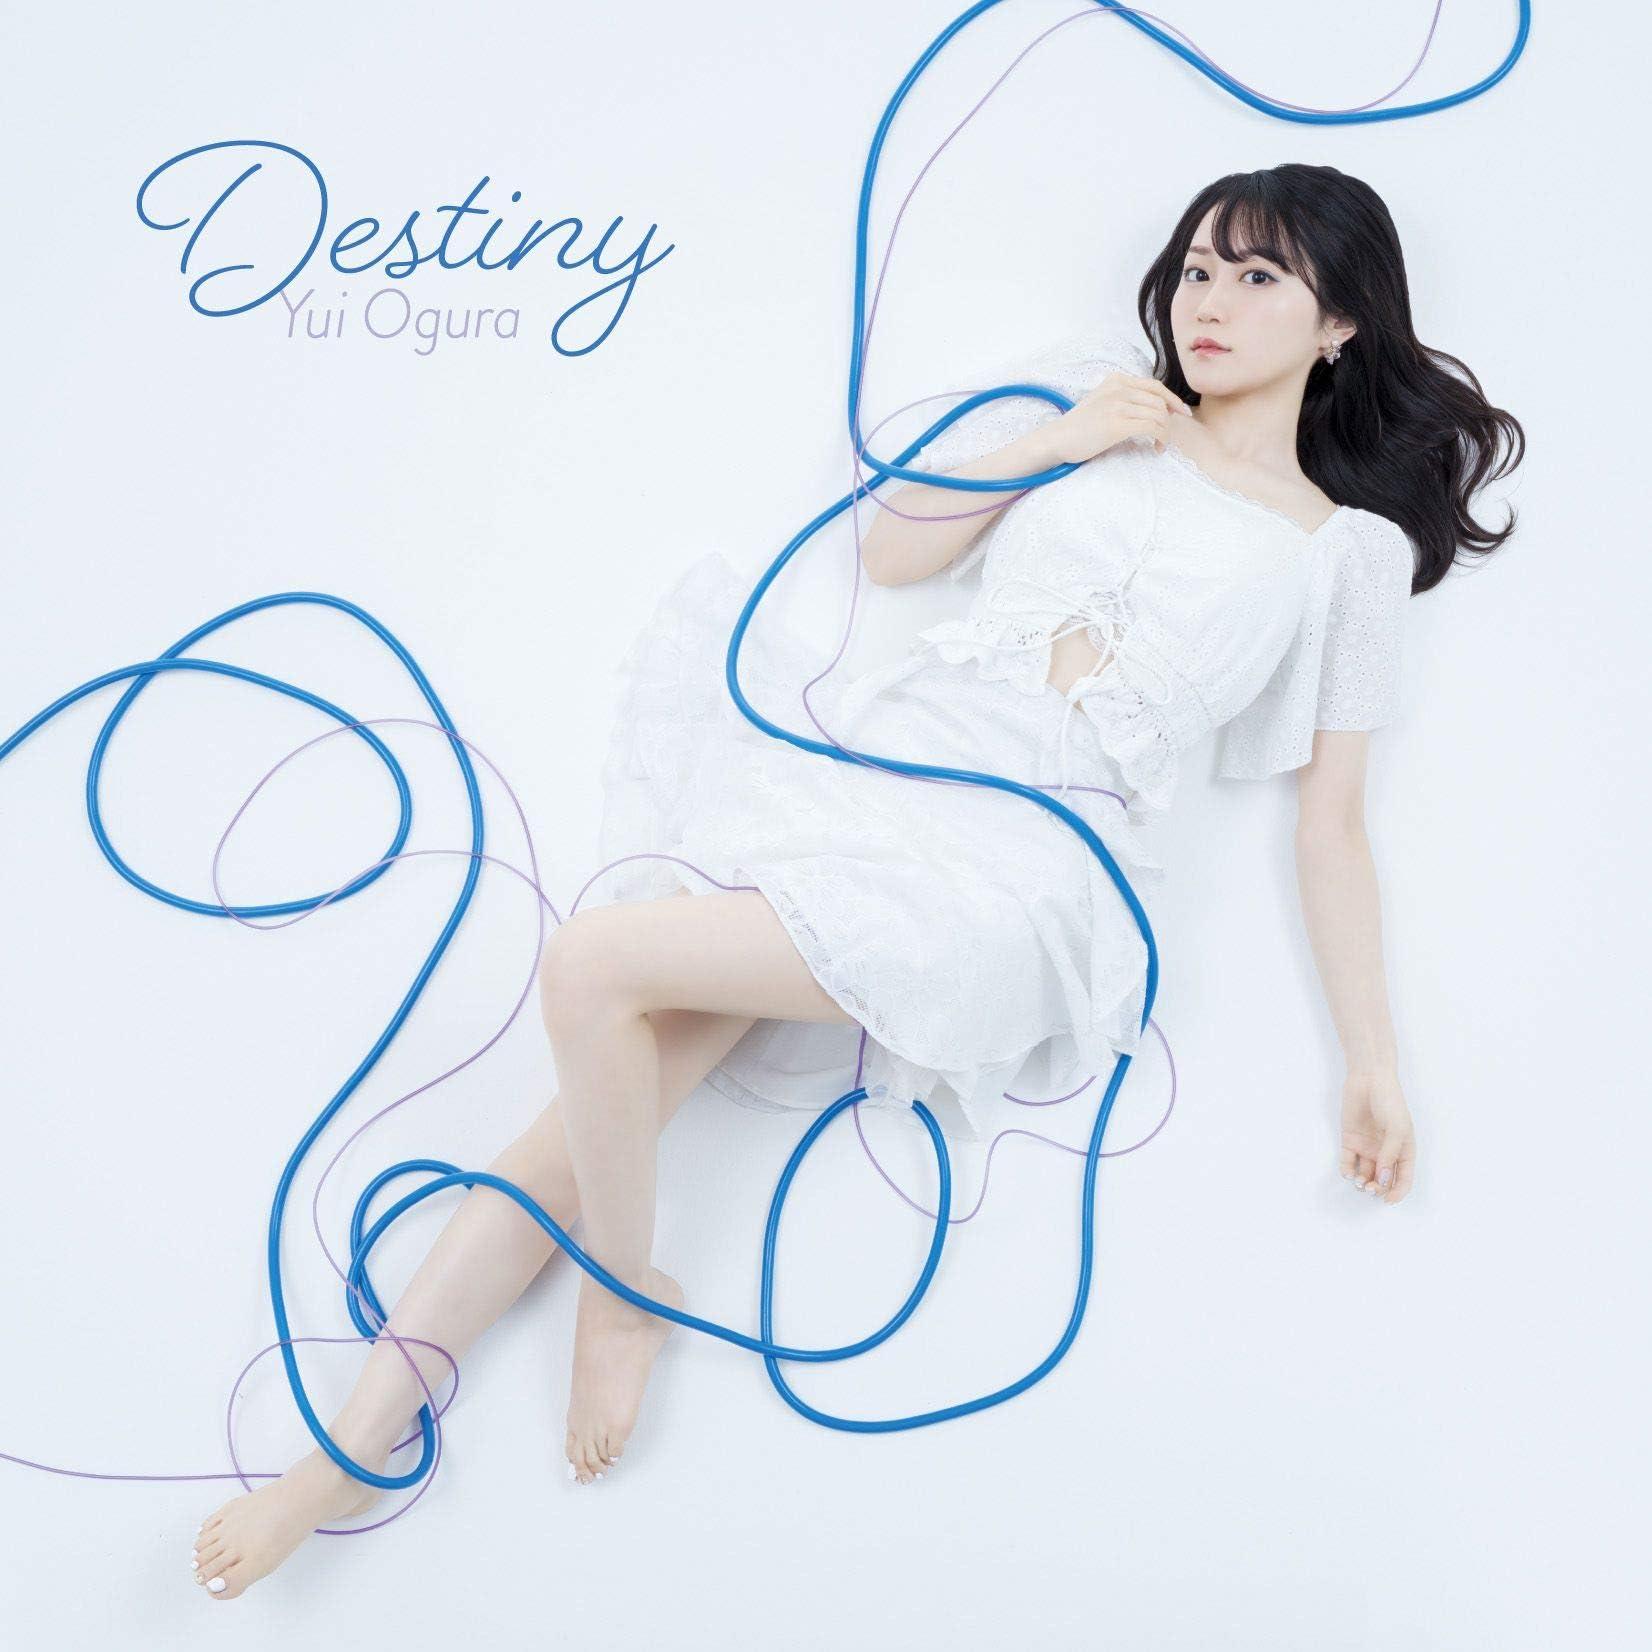 小倉唯 Ipad壁紙 Destiny 女性タレント スマホ用画像